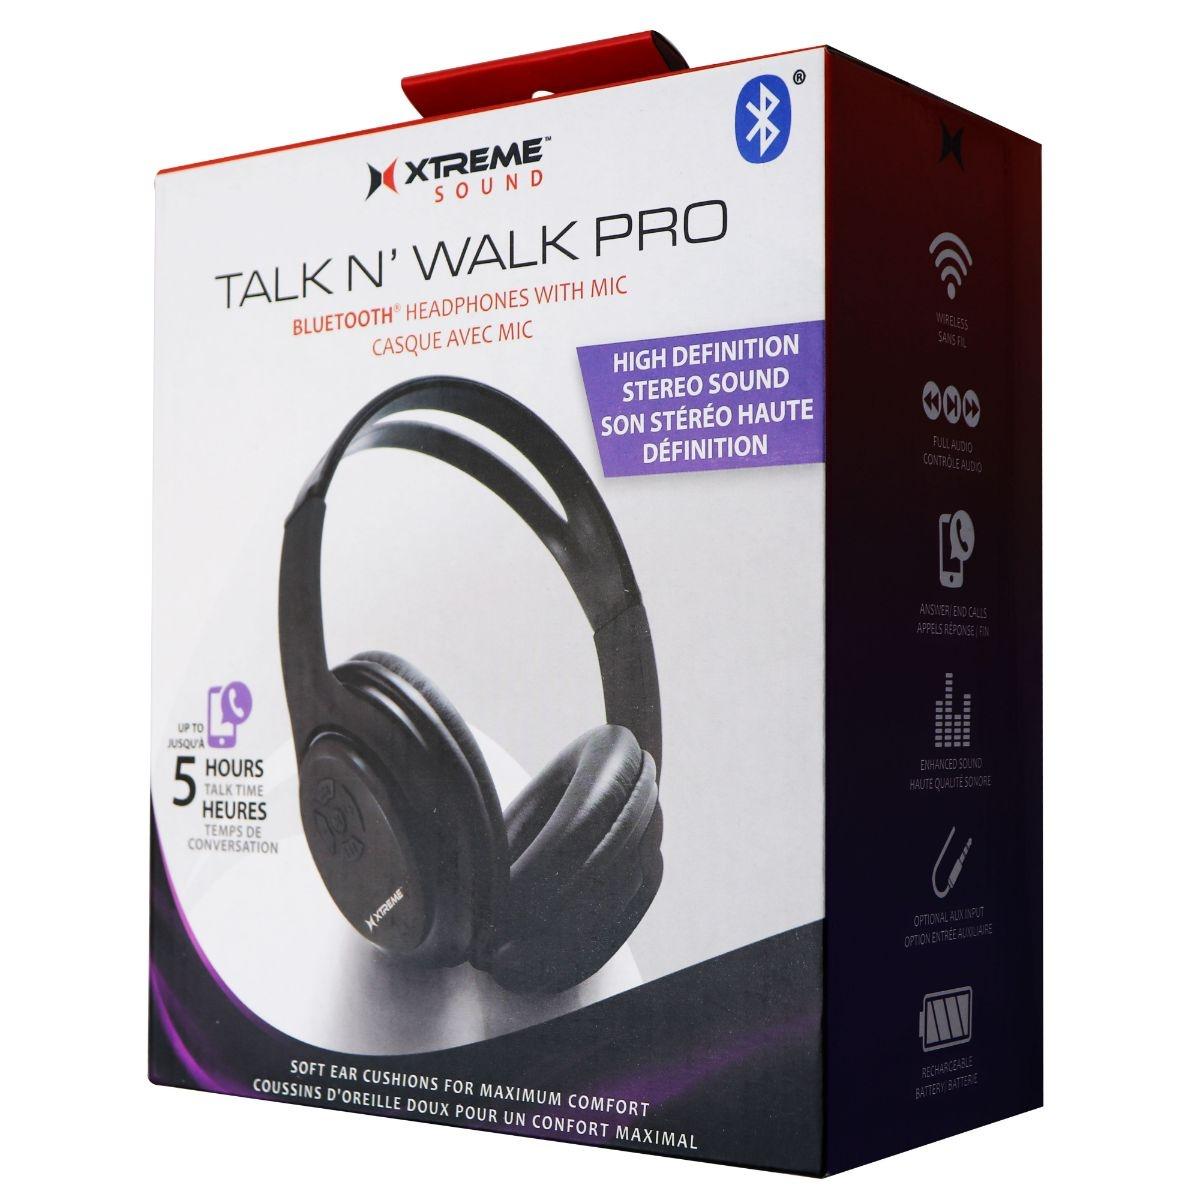 Xtreme Talk and Walk Bluetooth Headphones w/ Mic - Midnight Black XHF9-0100-BLK